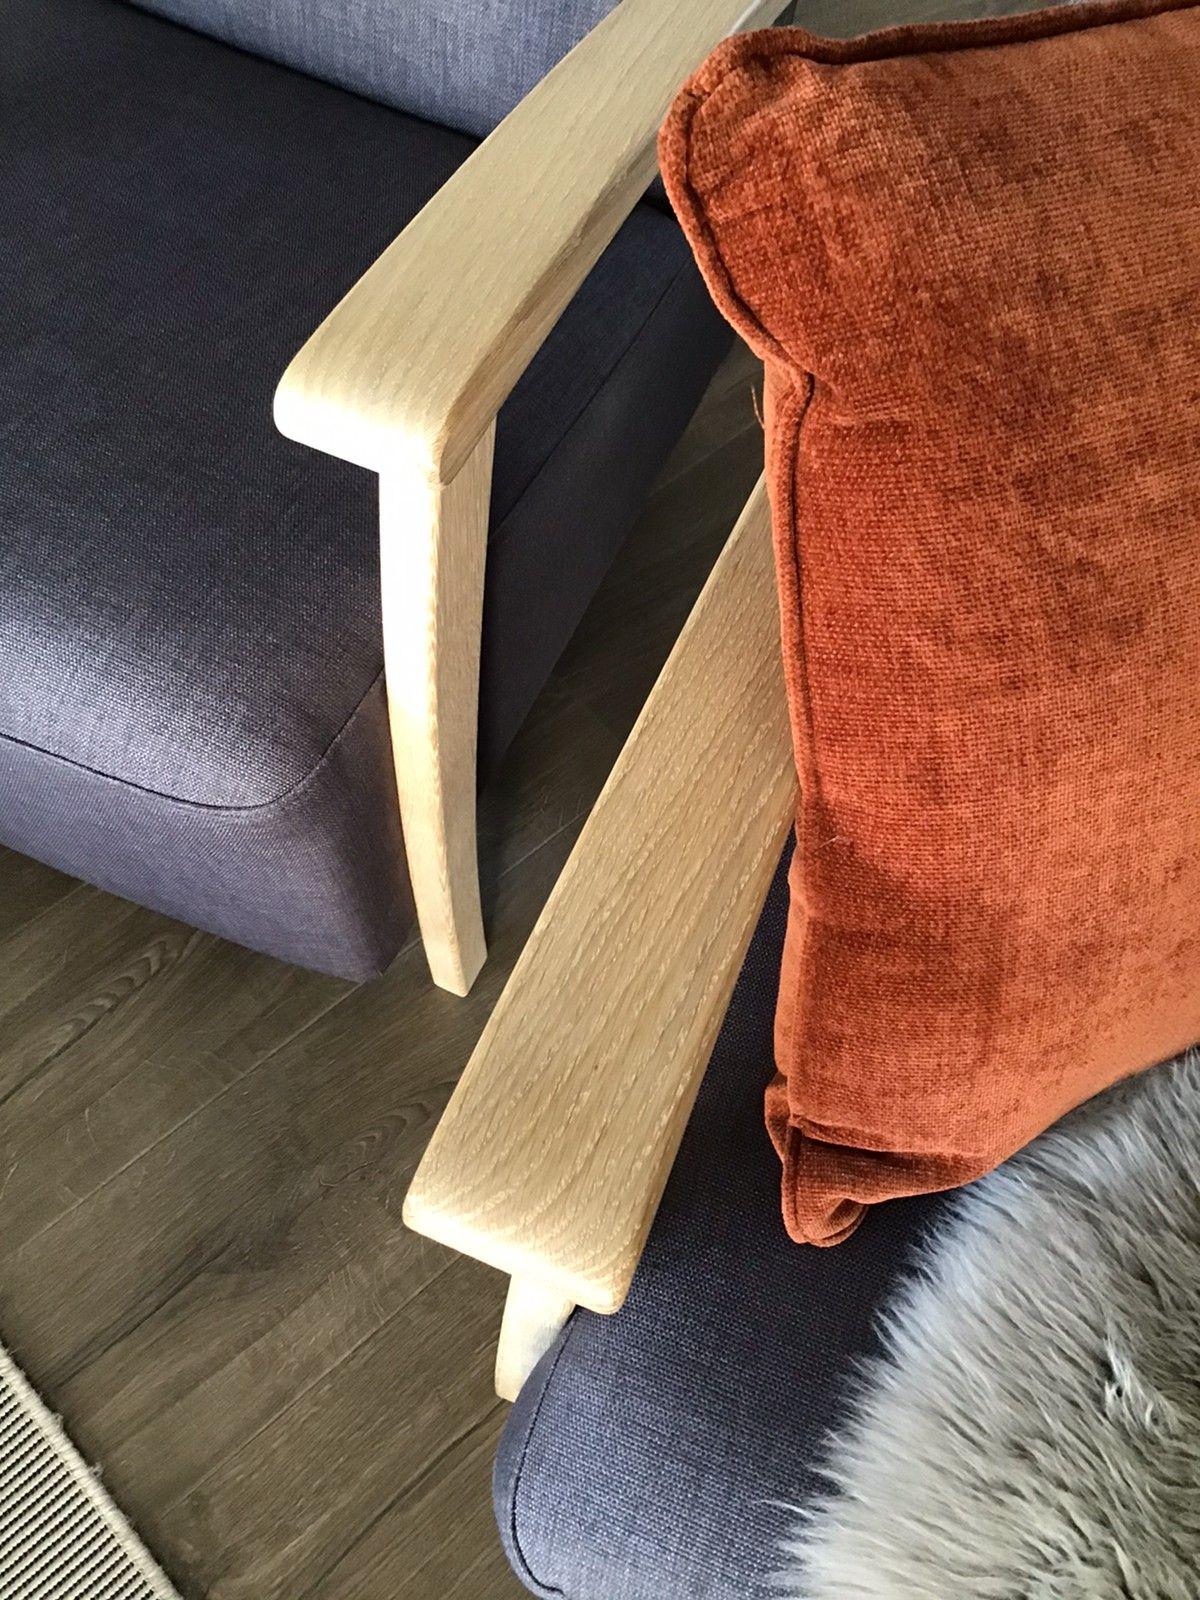 Lotta stol Skan møbler